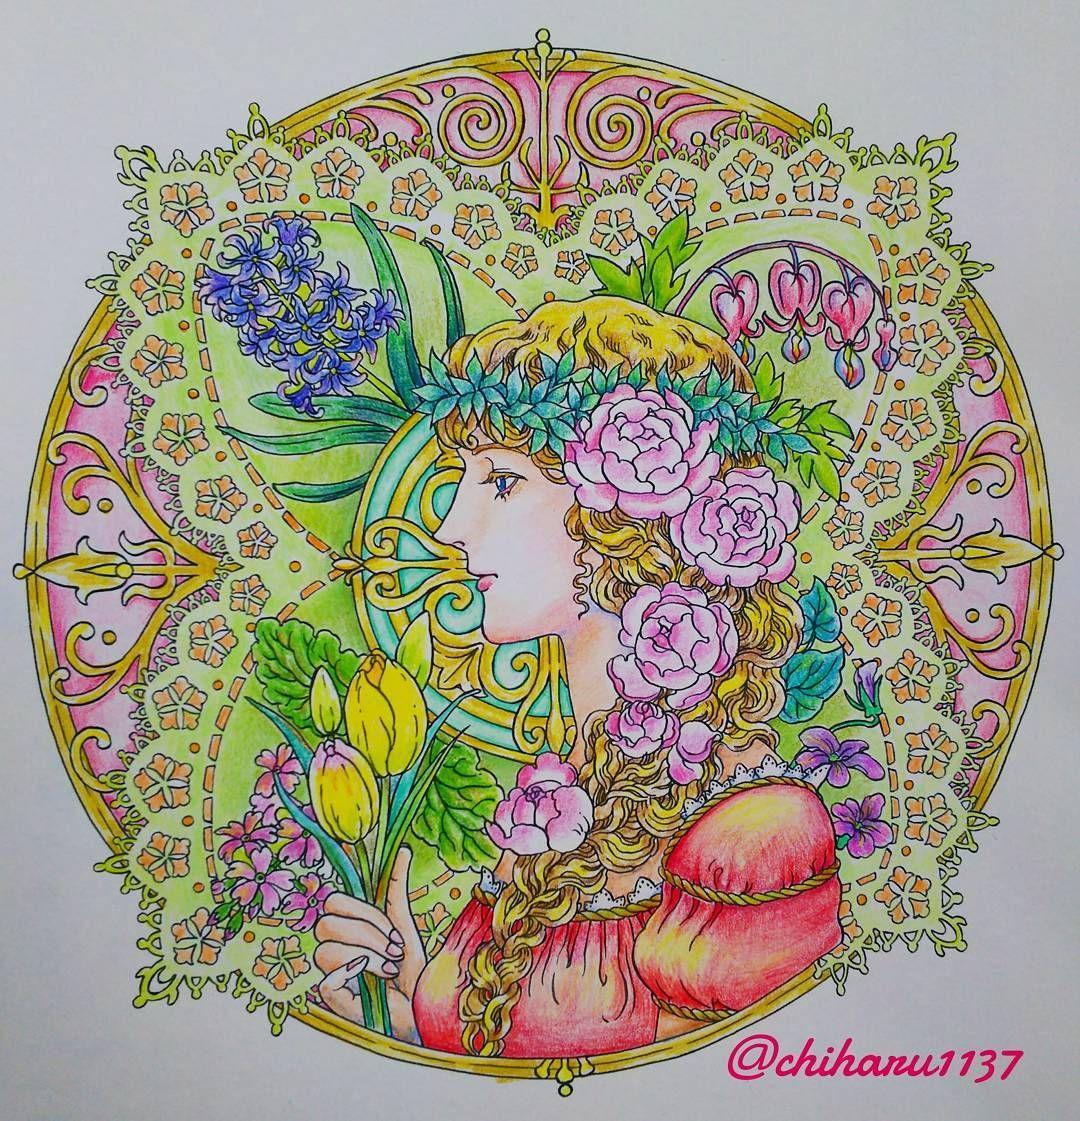 マンダラコロリアージュ より 春の女神 表紙にもなっているページですが 花の色や塗り方は参考にしつつ配色を変えて塗ってみました 大人の塗り絵 大人のぬりえ おとなの塗り絵 おとなのぬりえ コロリアージュ Coloring Col Coloring Books Art Artwork